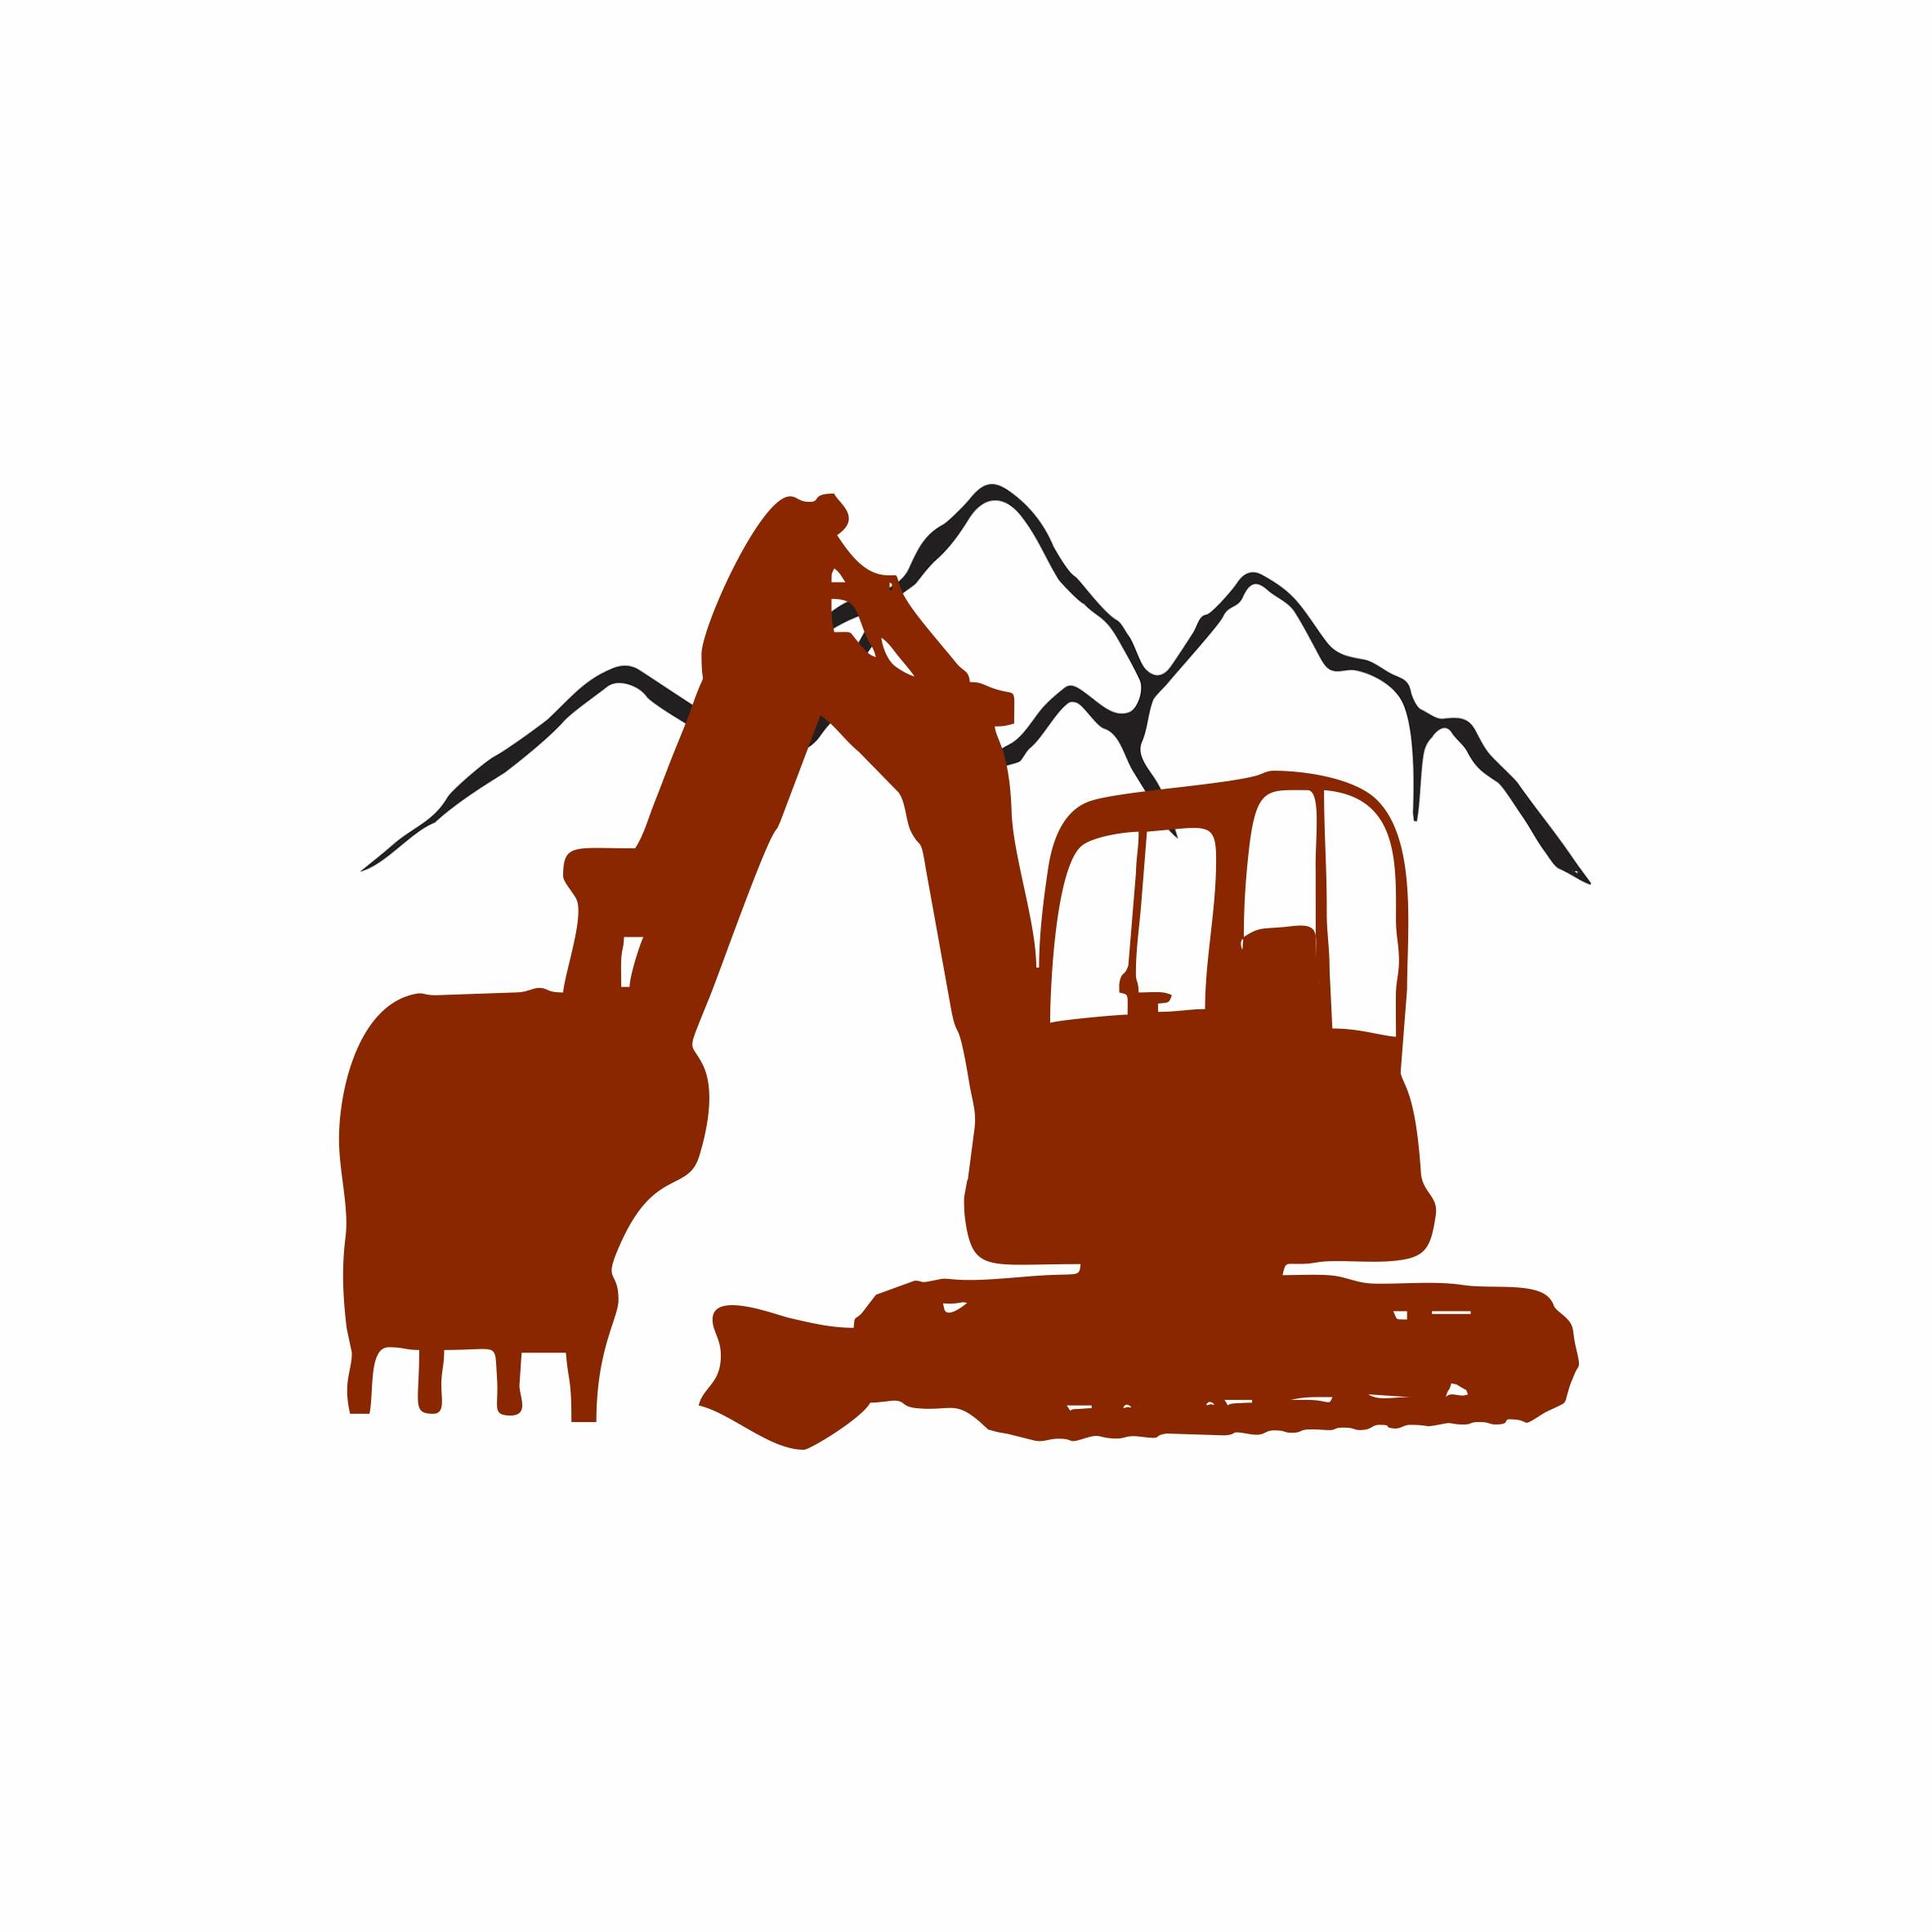 Логотип для камнедобывающей компании фото f_5895b9950b072ce1.jpg